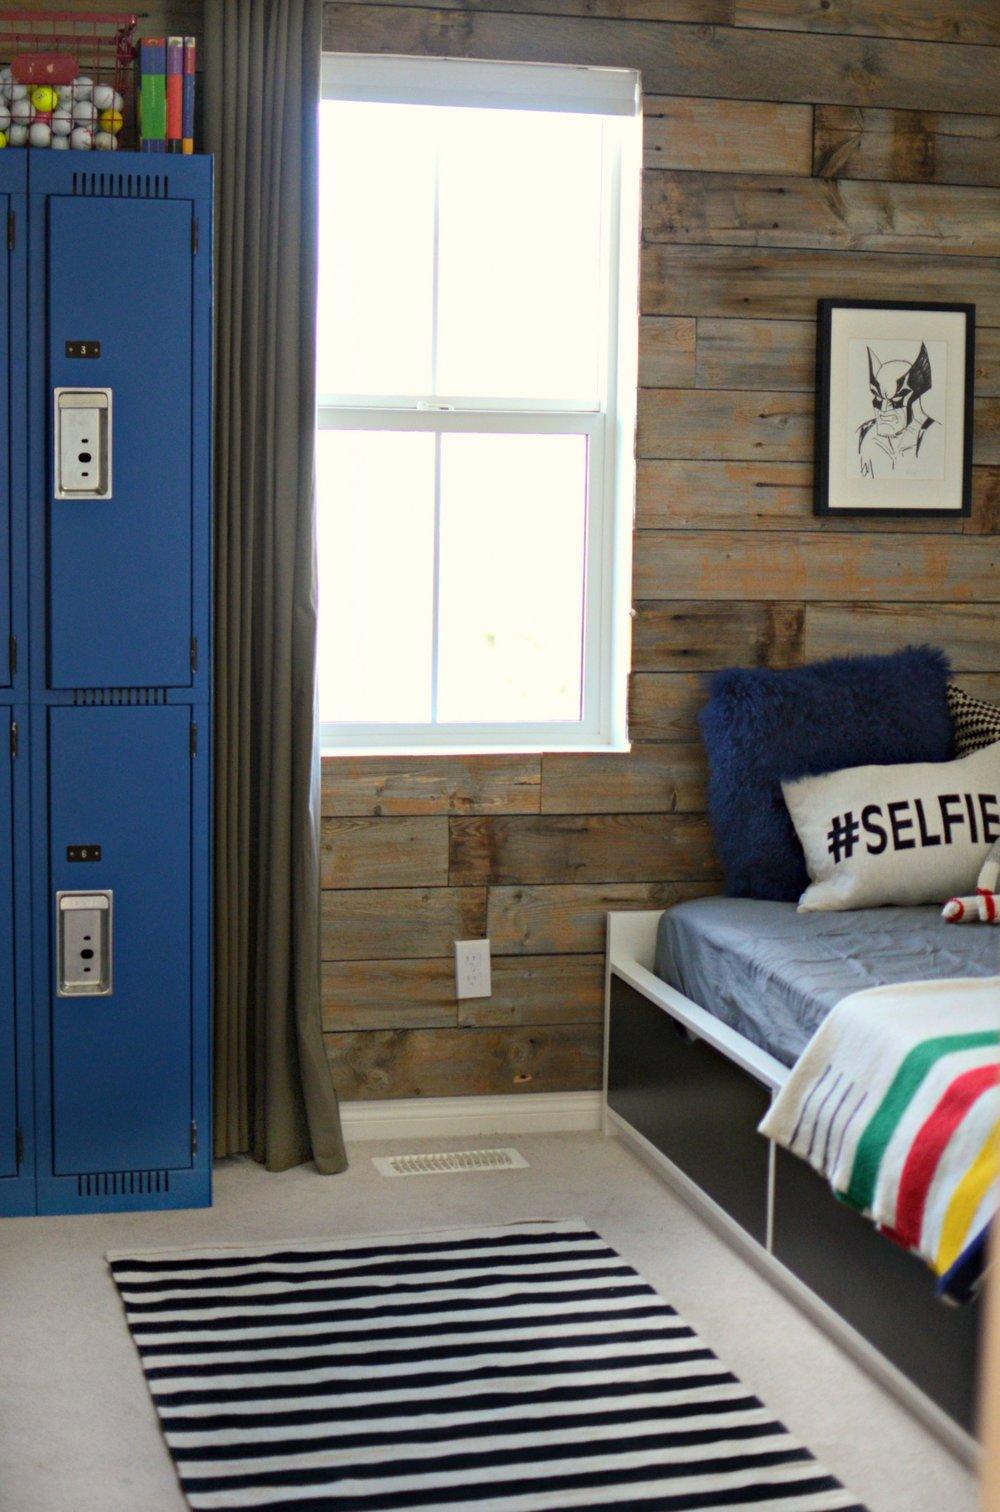 calgary-interior-designer-canadiana-boys-room-bed-lockers.jpg